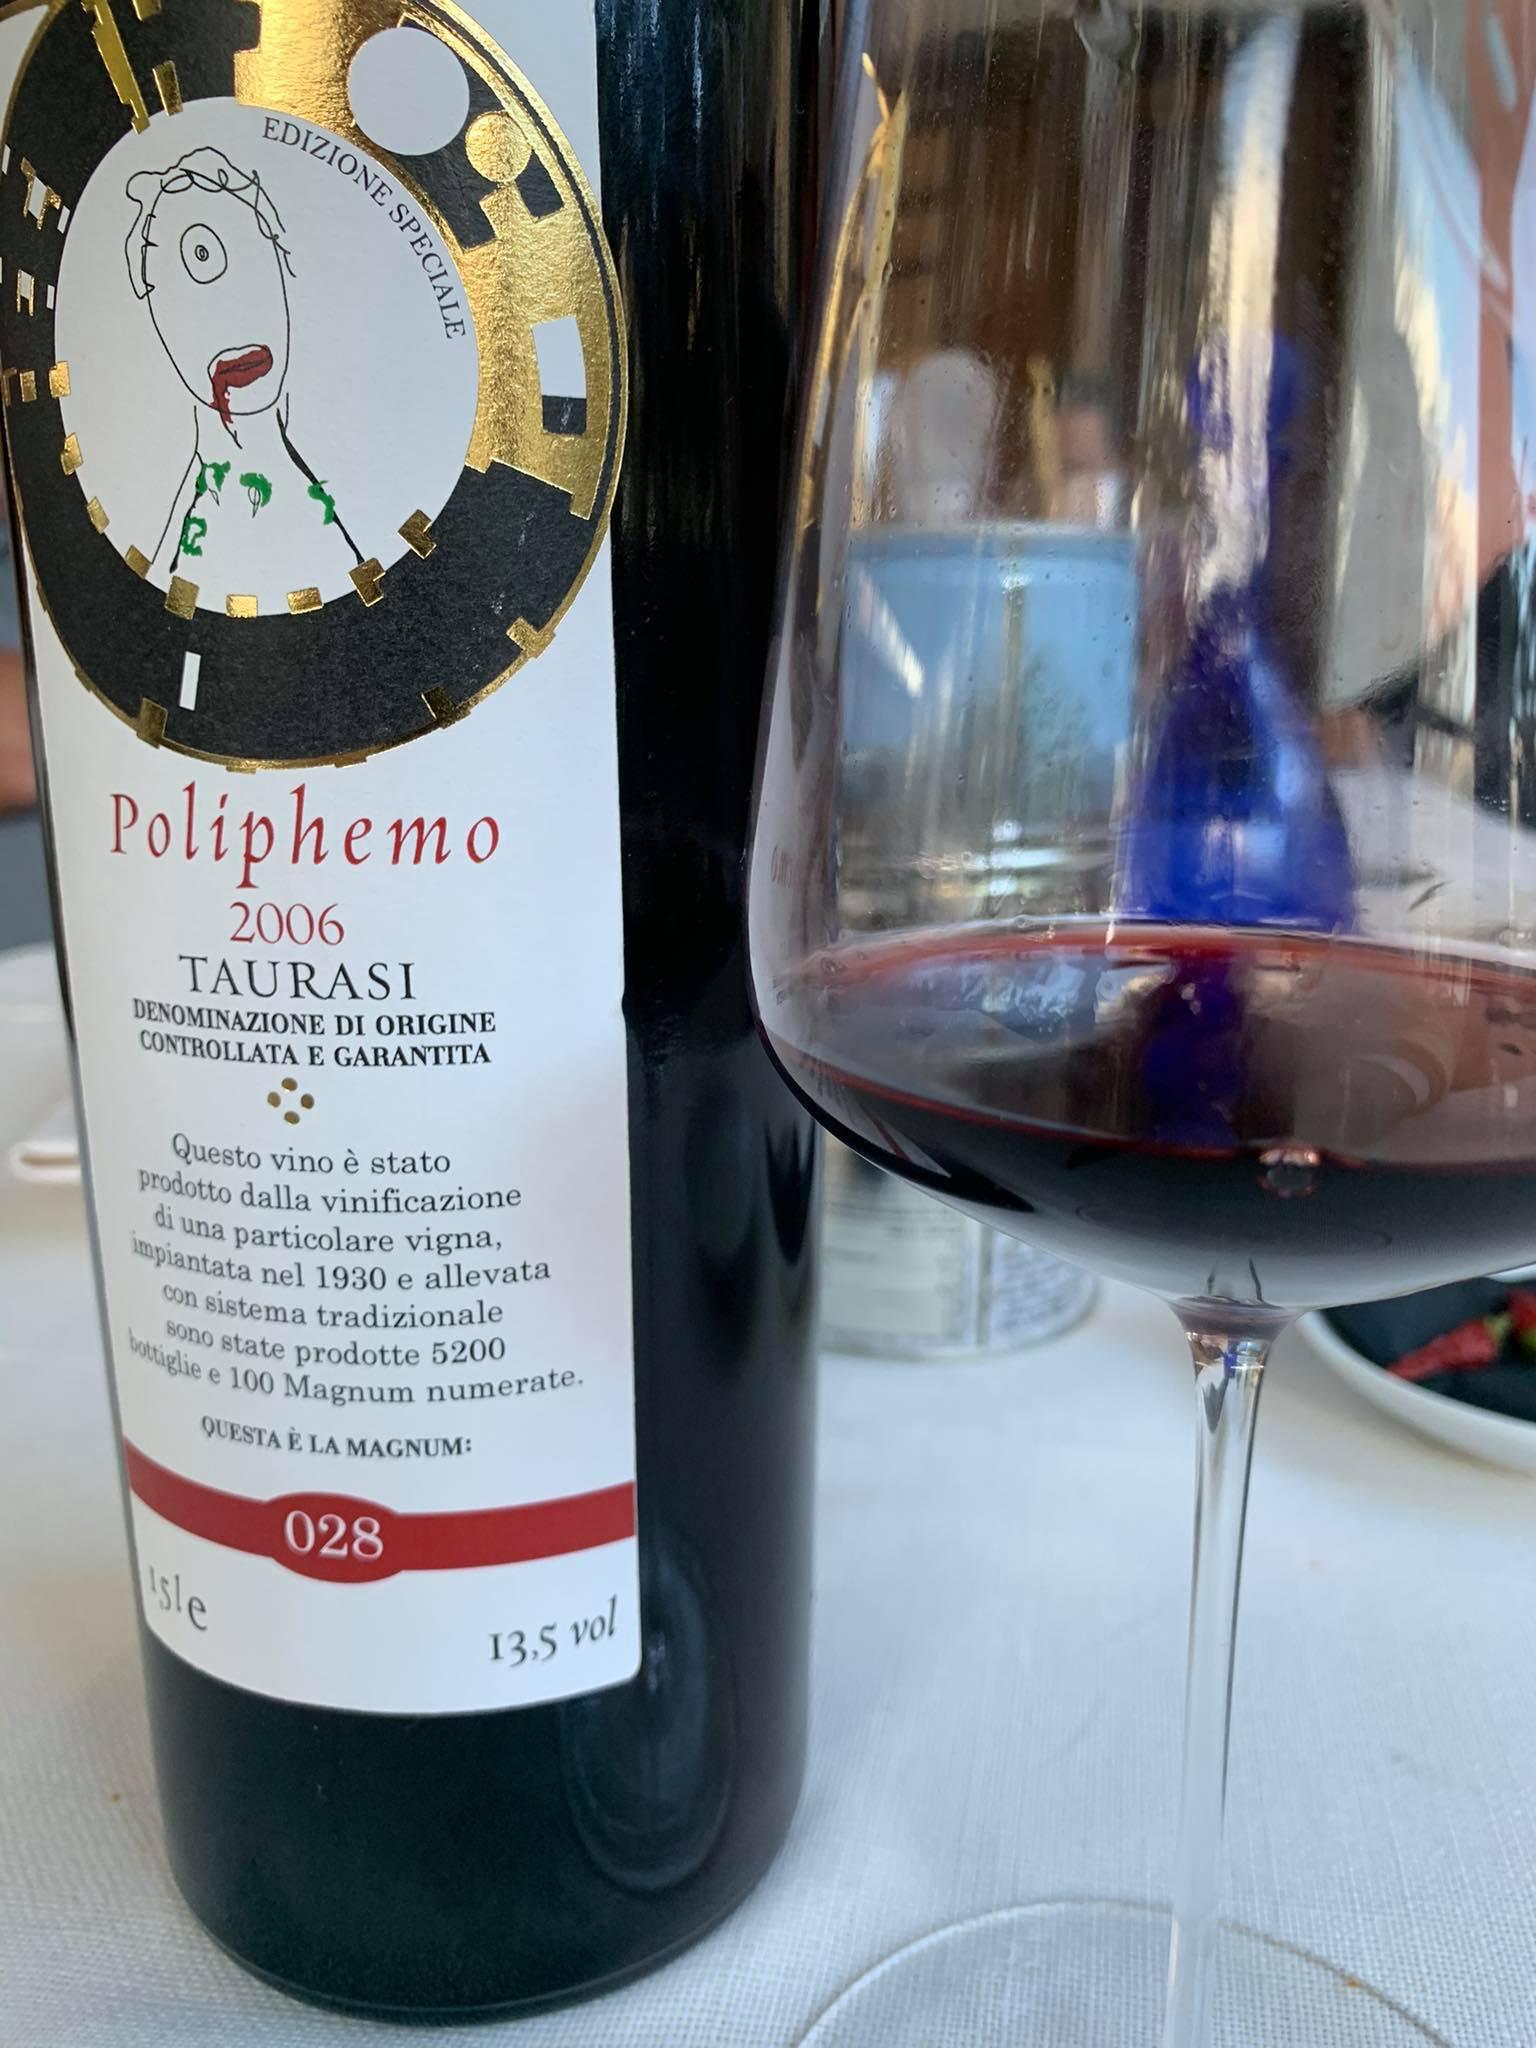 Poliphemo 2006 Luigi Tecce